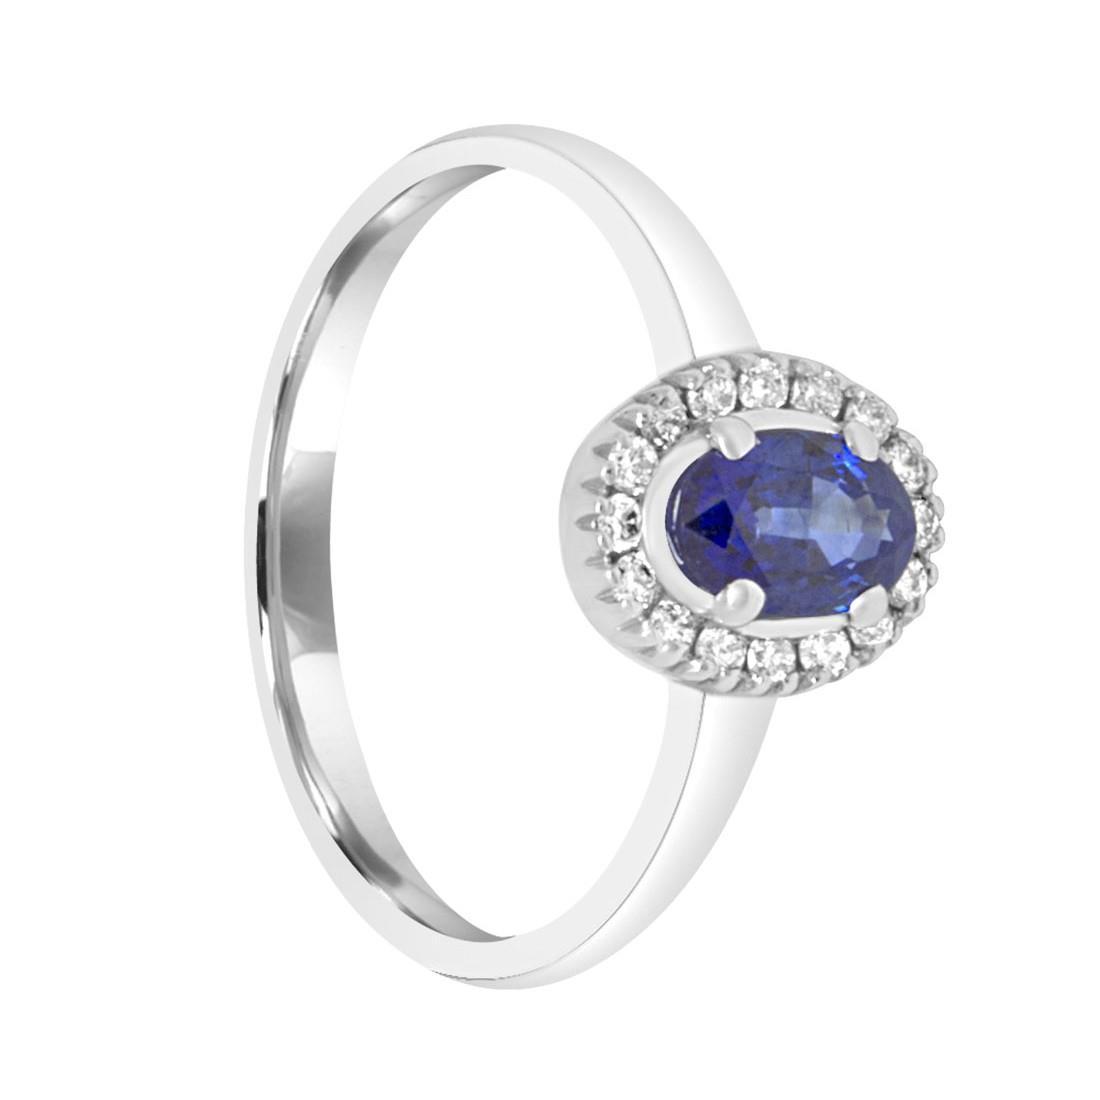 Anello in oro bianco con diamanti e zaffiro ct. 0,58 - ALFIERI ST JOHN